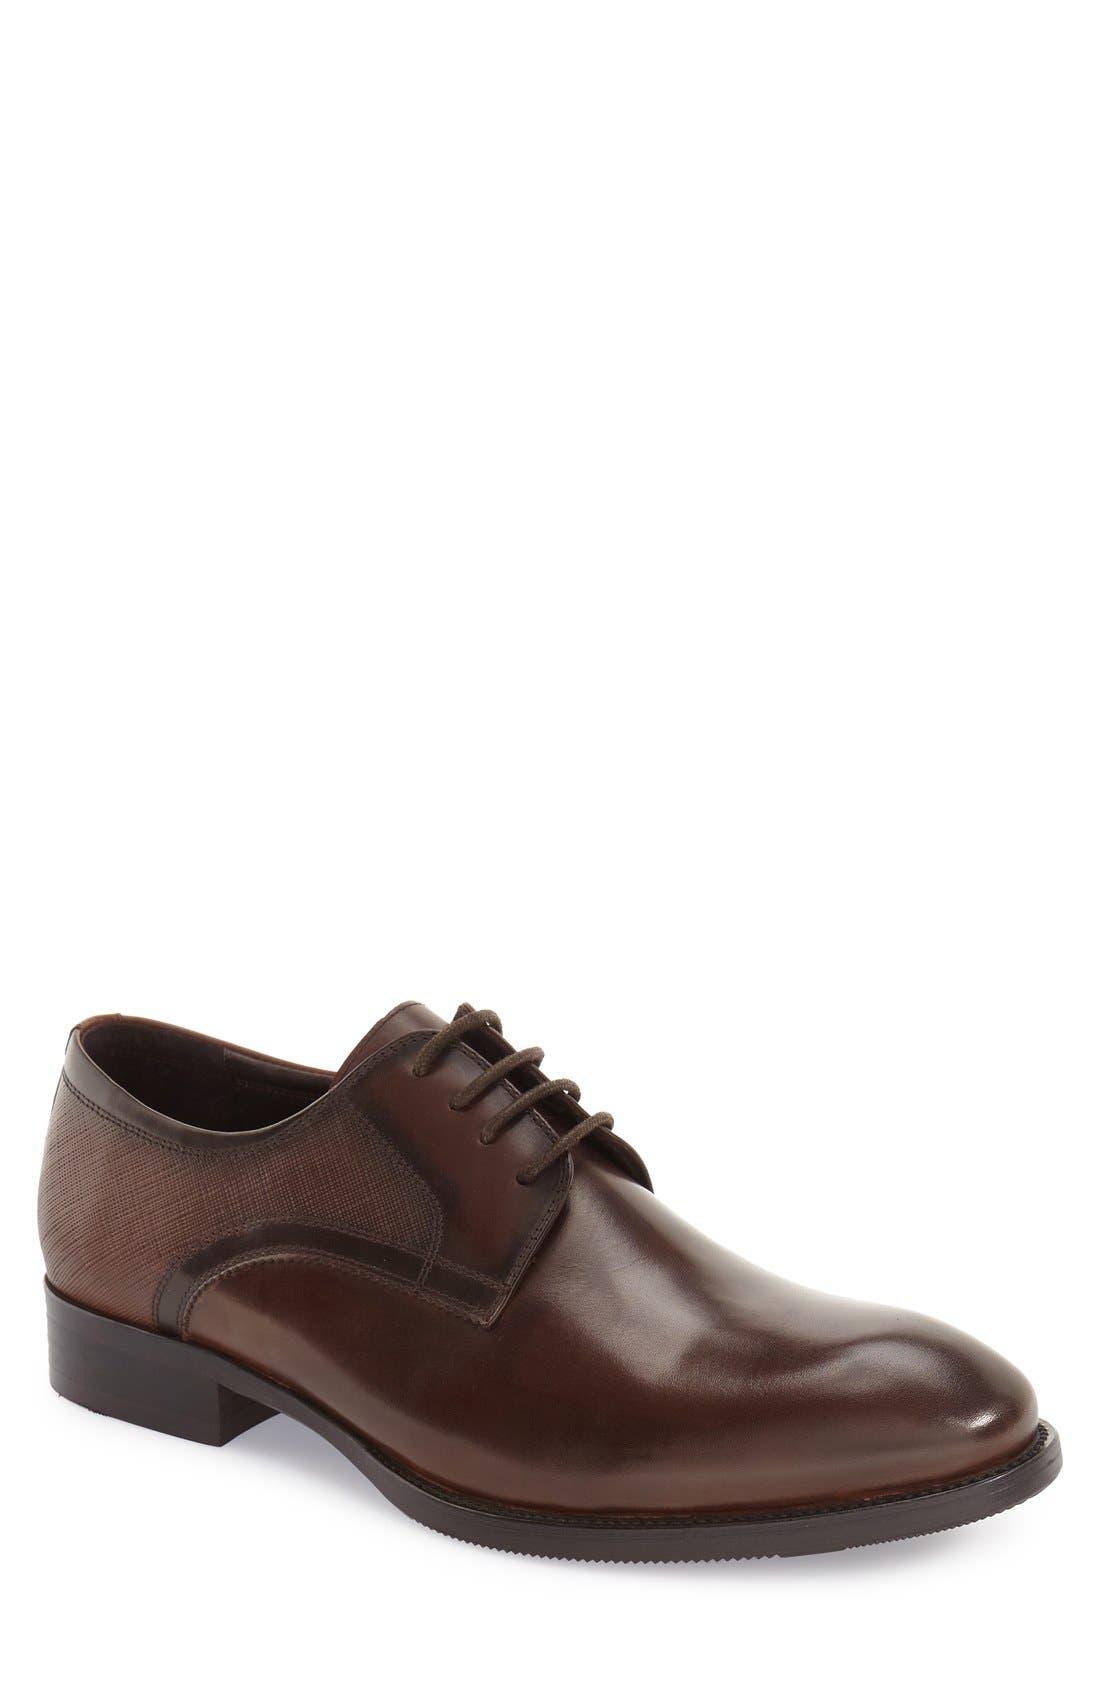 Zanzara 'Bruckner' Plain Toe Derby (Men)